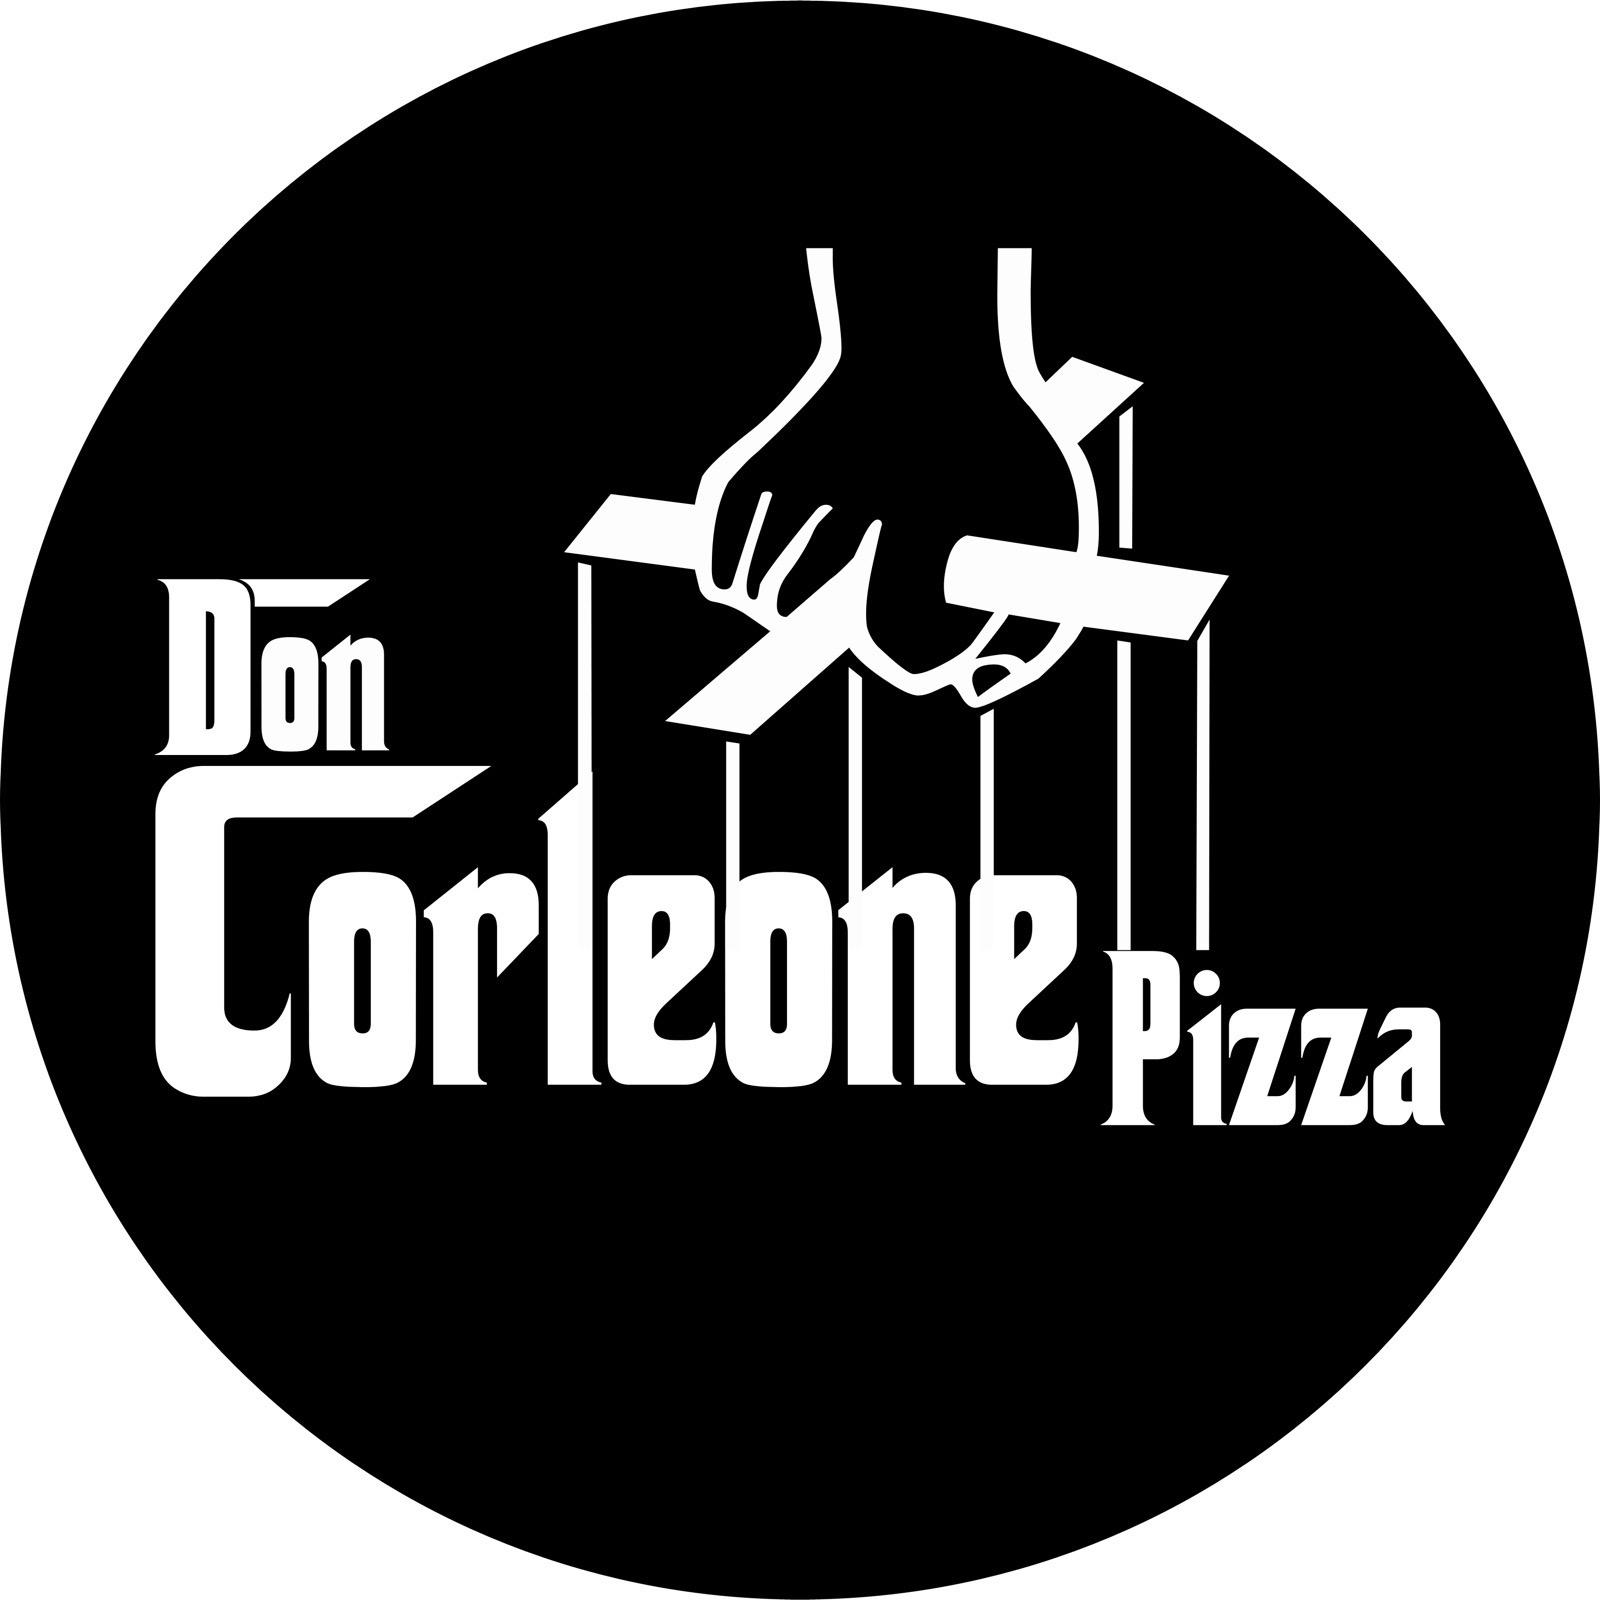 """Пицца от 12 руб/до 1100 г, комбо из 3 пицц за 24 руб. в кафе """"Don Corleone"""""""